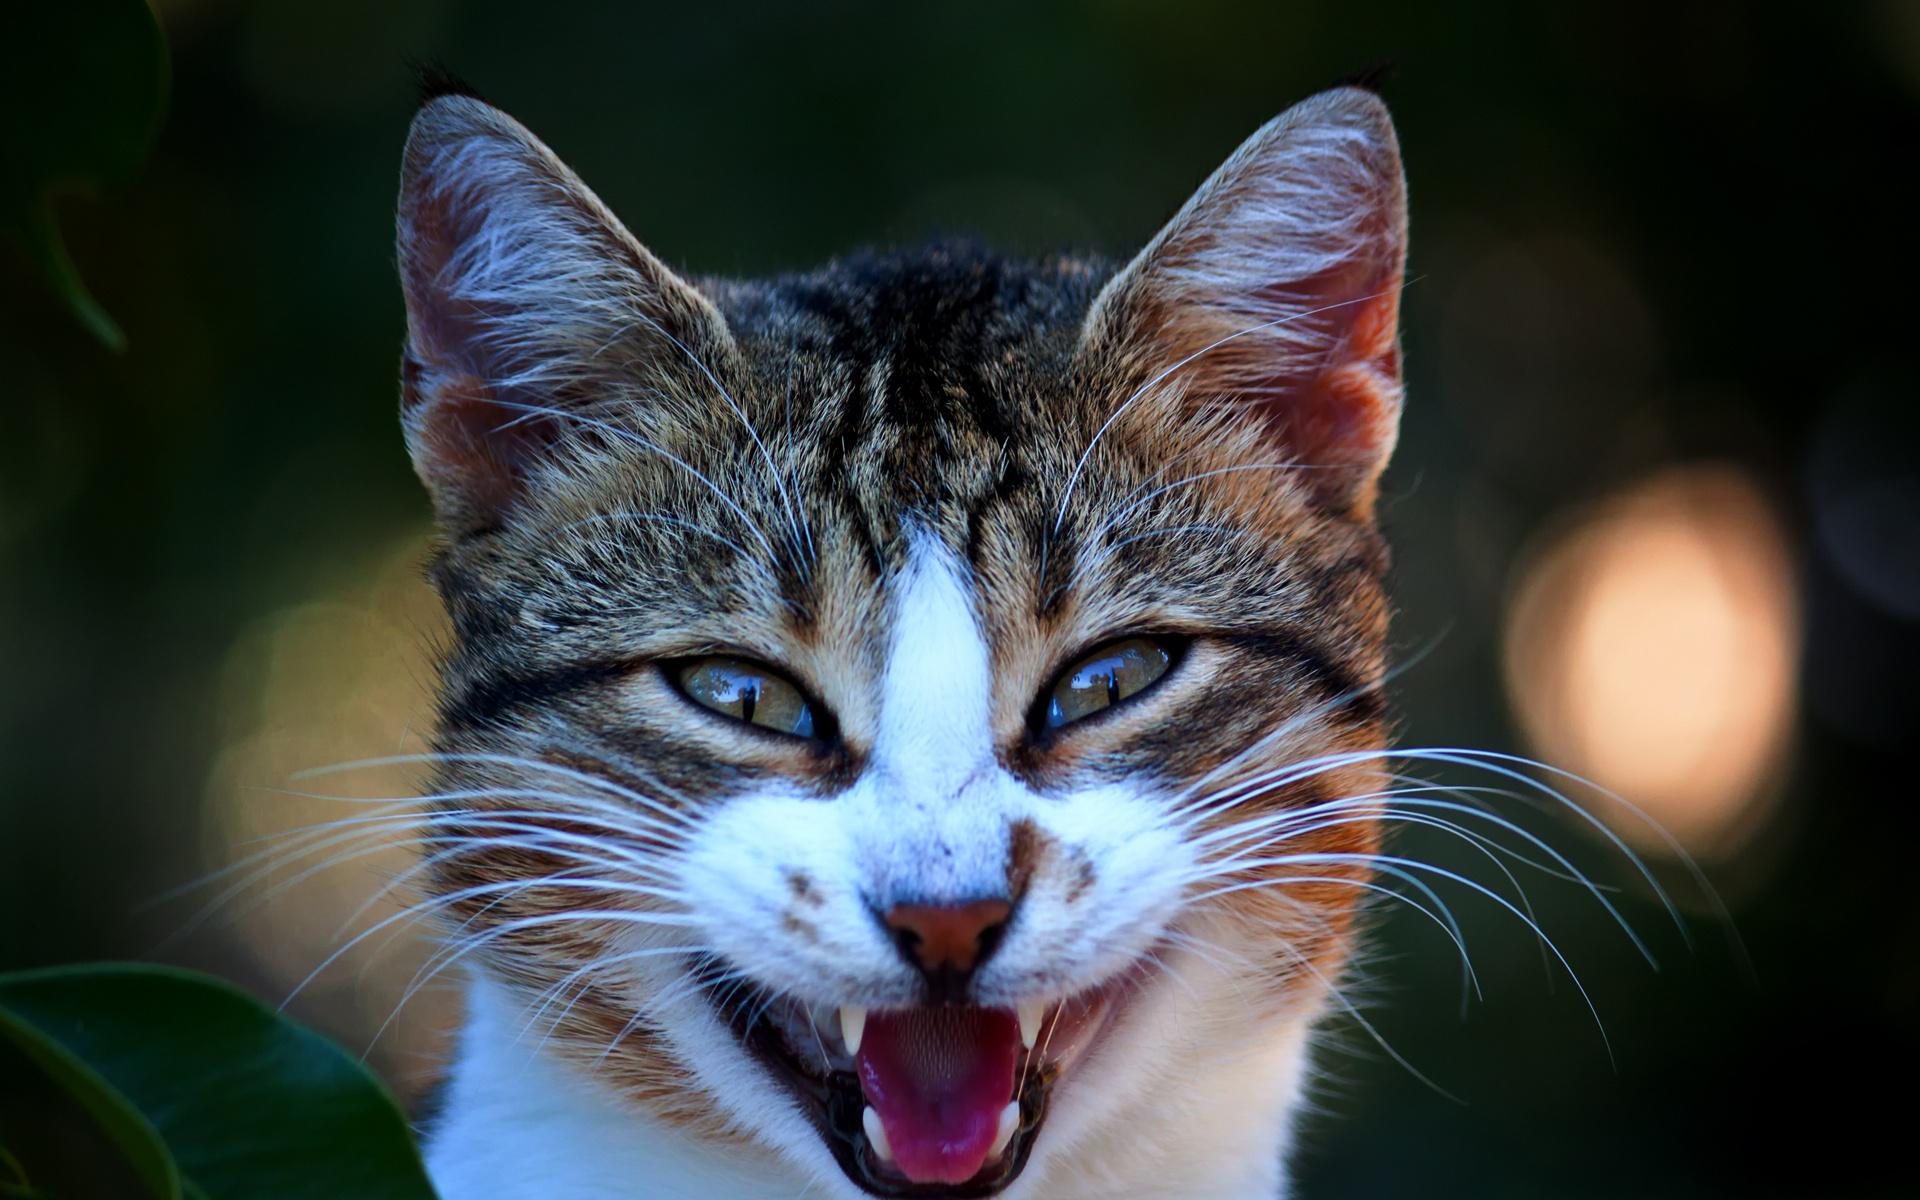 Мне надо, смешные картинки с улыбающимися котами